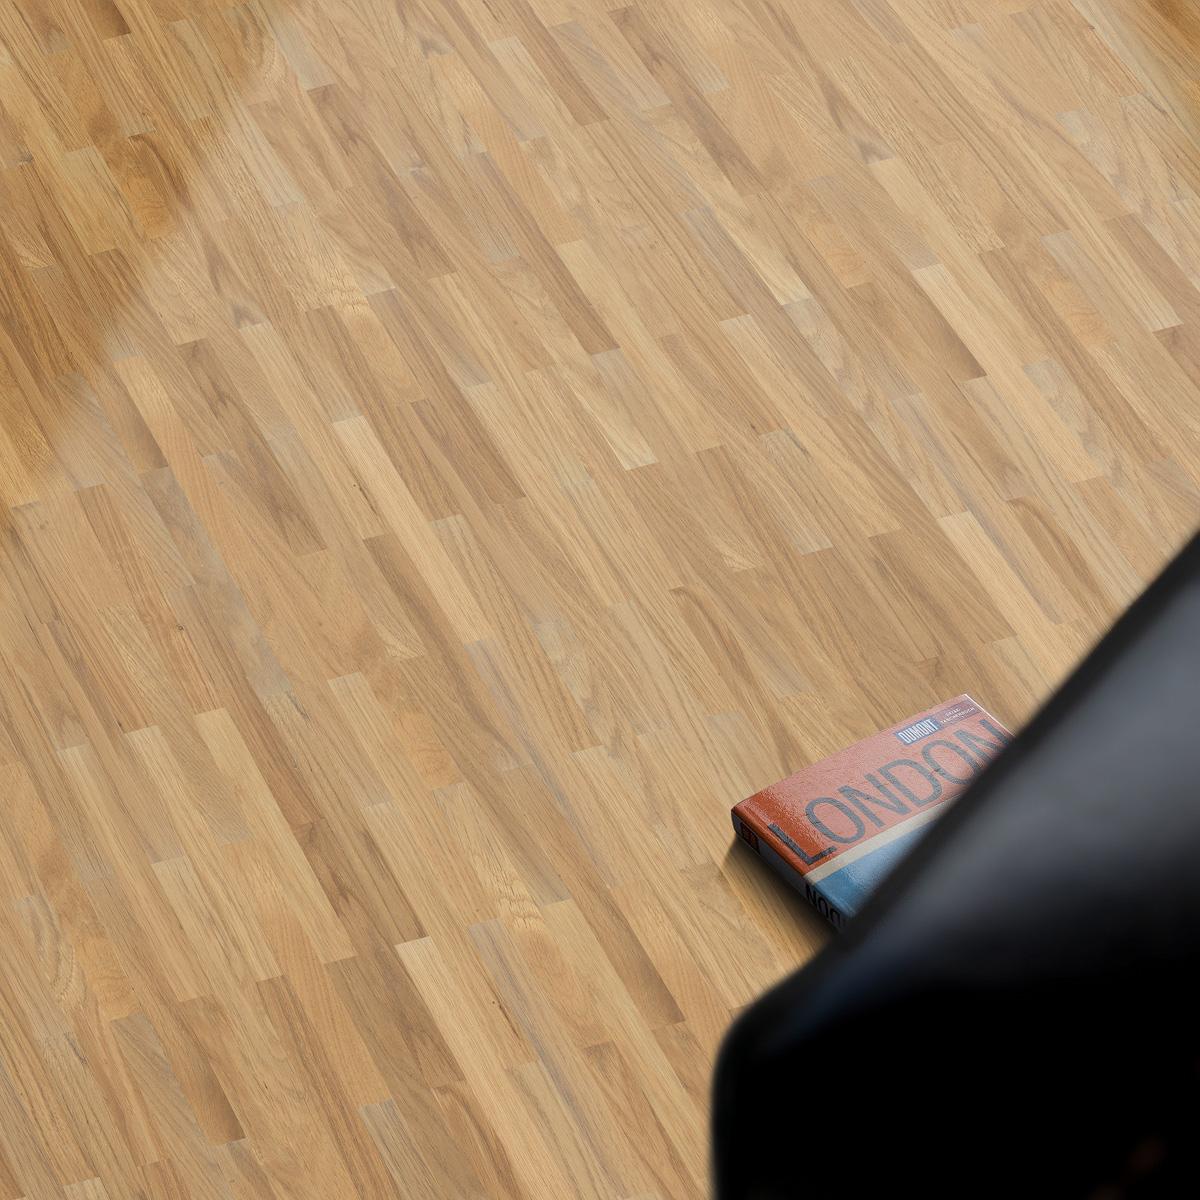 klebeparkett eiche aktion 1 fach englischer verband unbehandelt. Black Bedroom Furniture Sets. Home Design Ideas